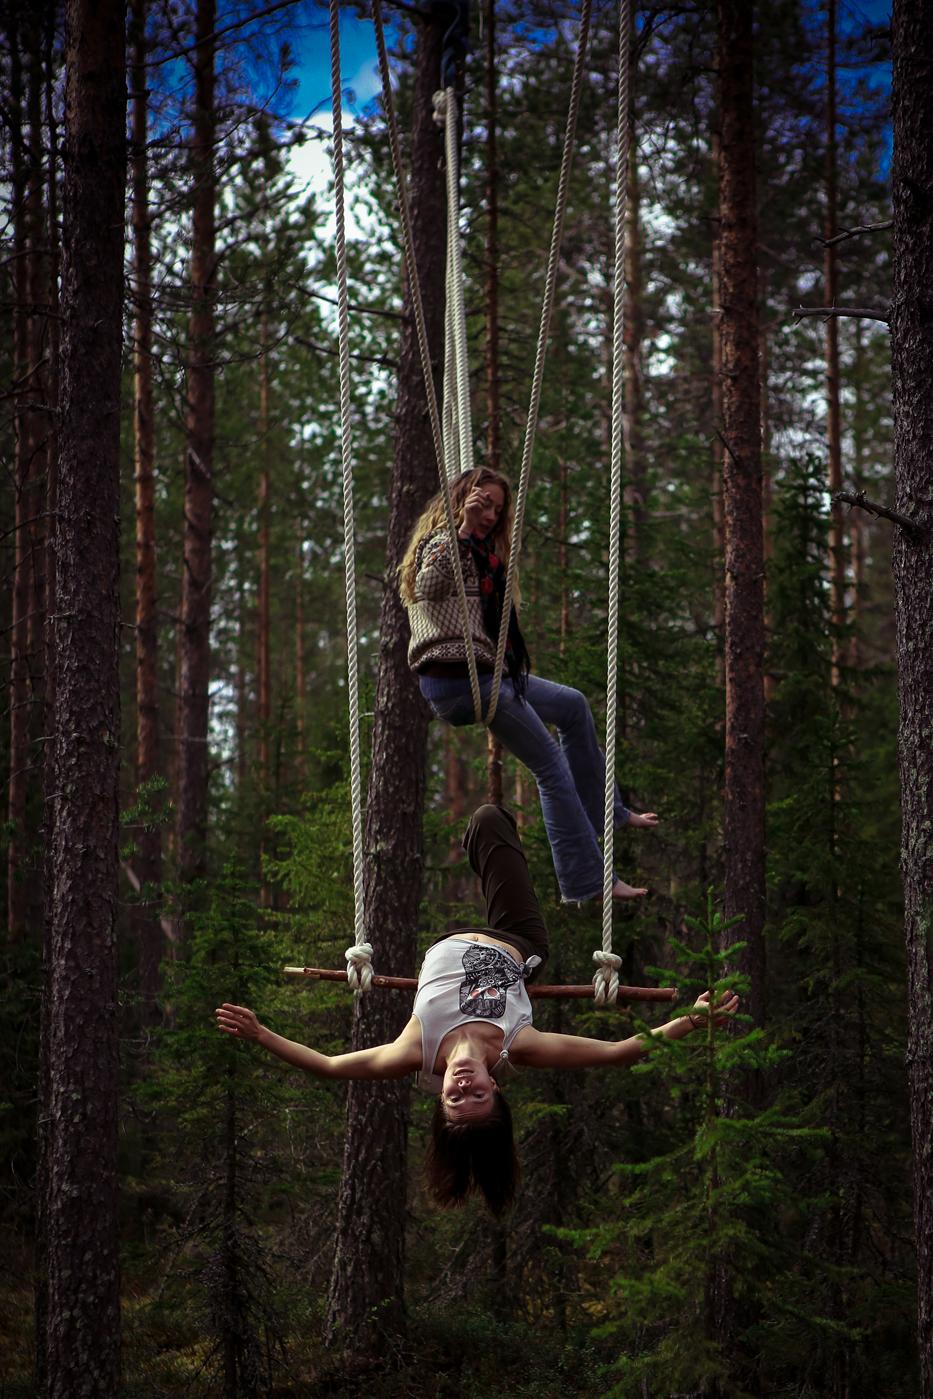 Metsäprojekti_Hiljaisuusfestivaali_2015_C_Jouni_Ihalainen-128.jpg